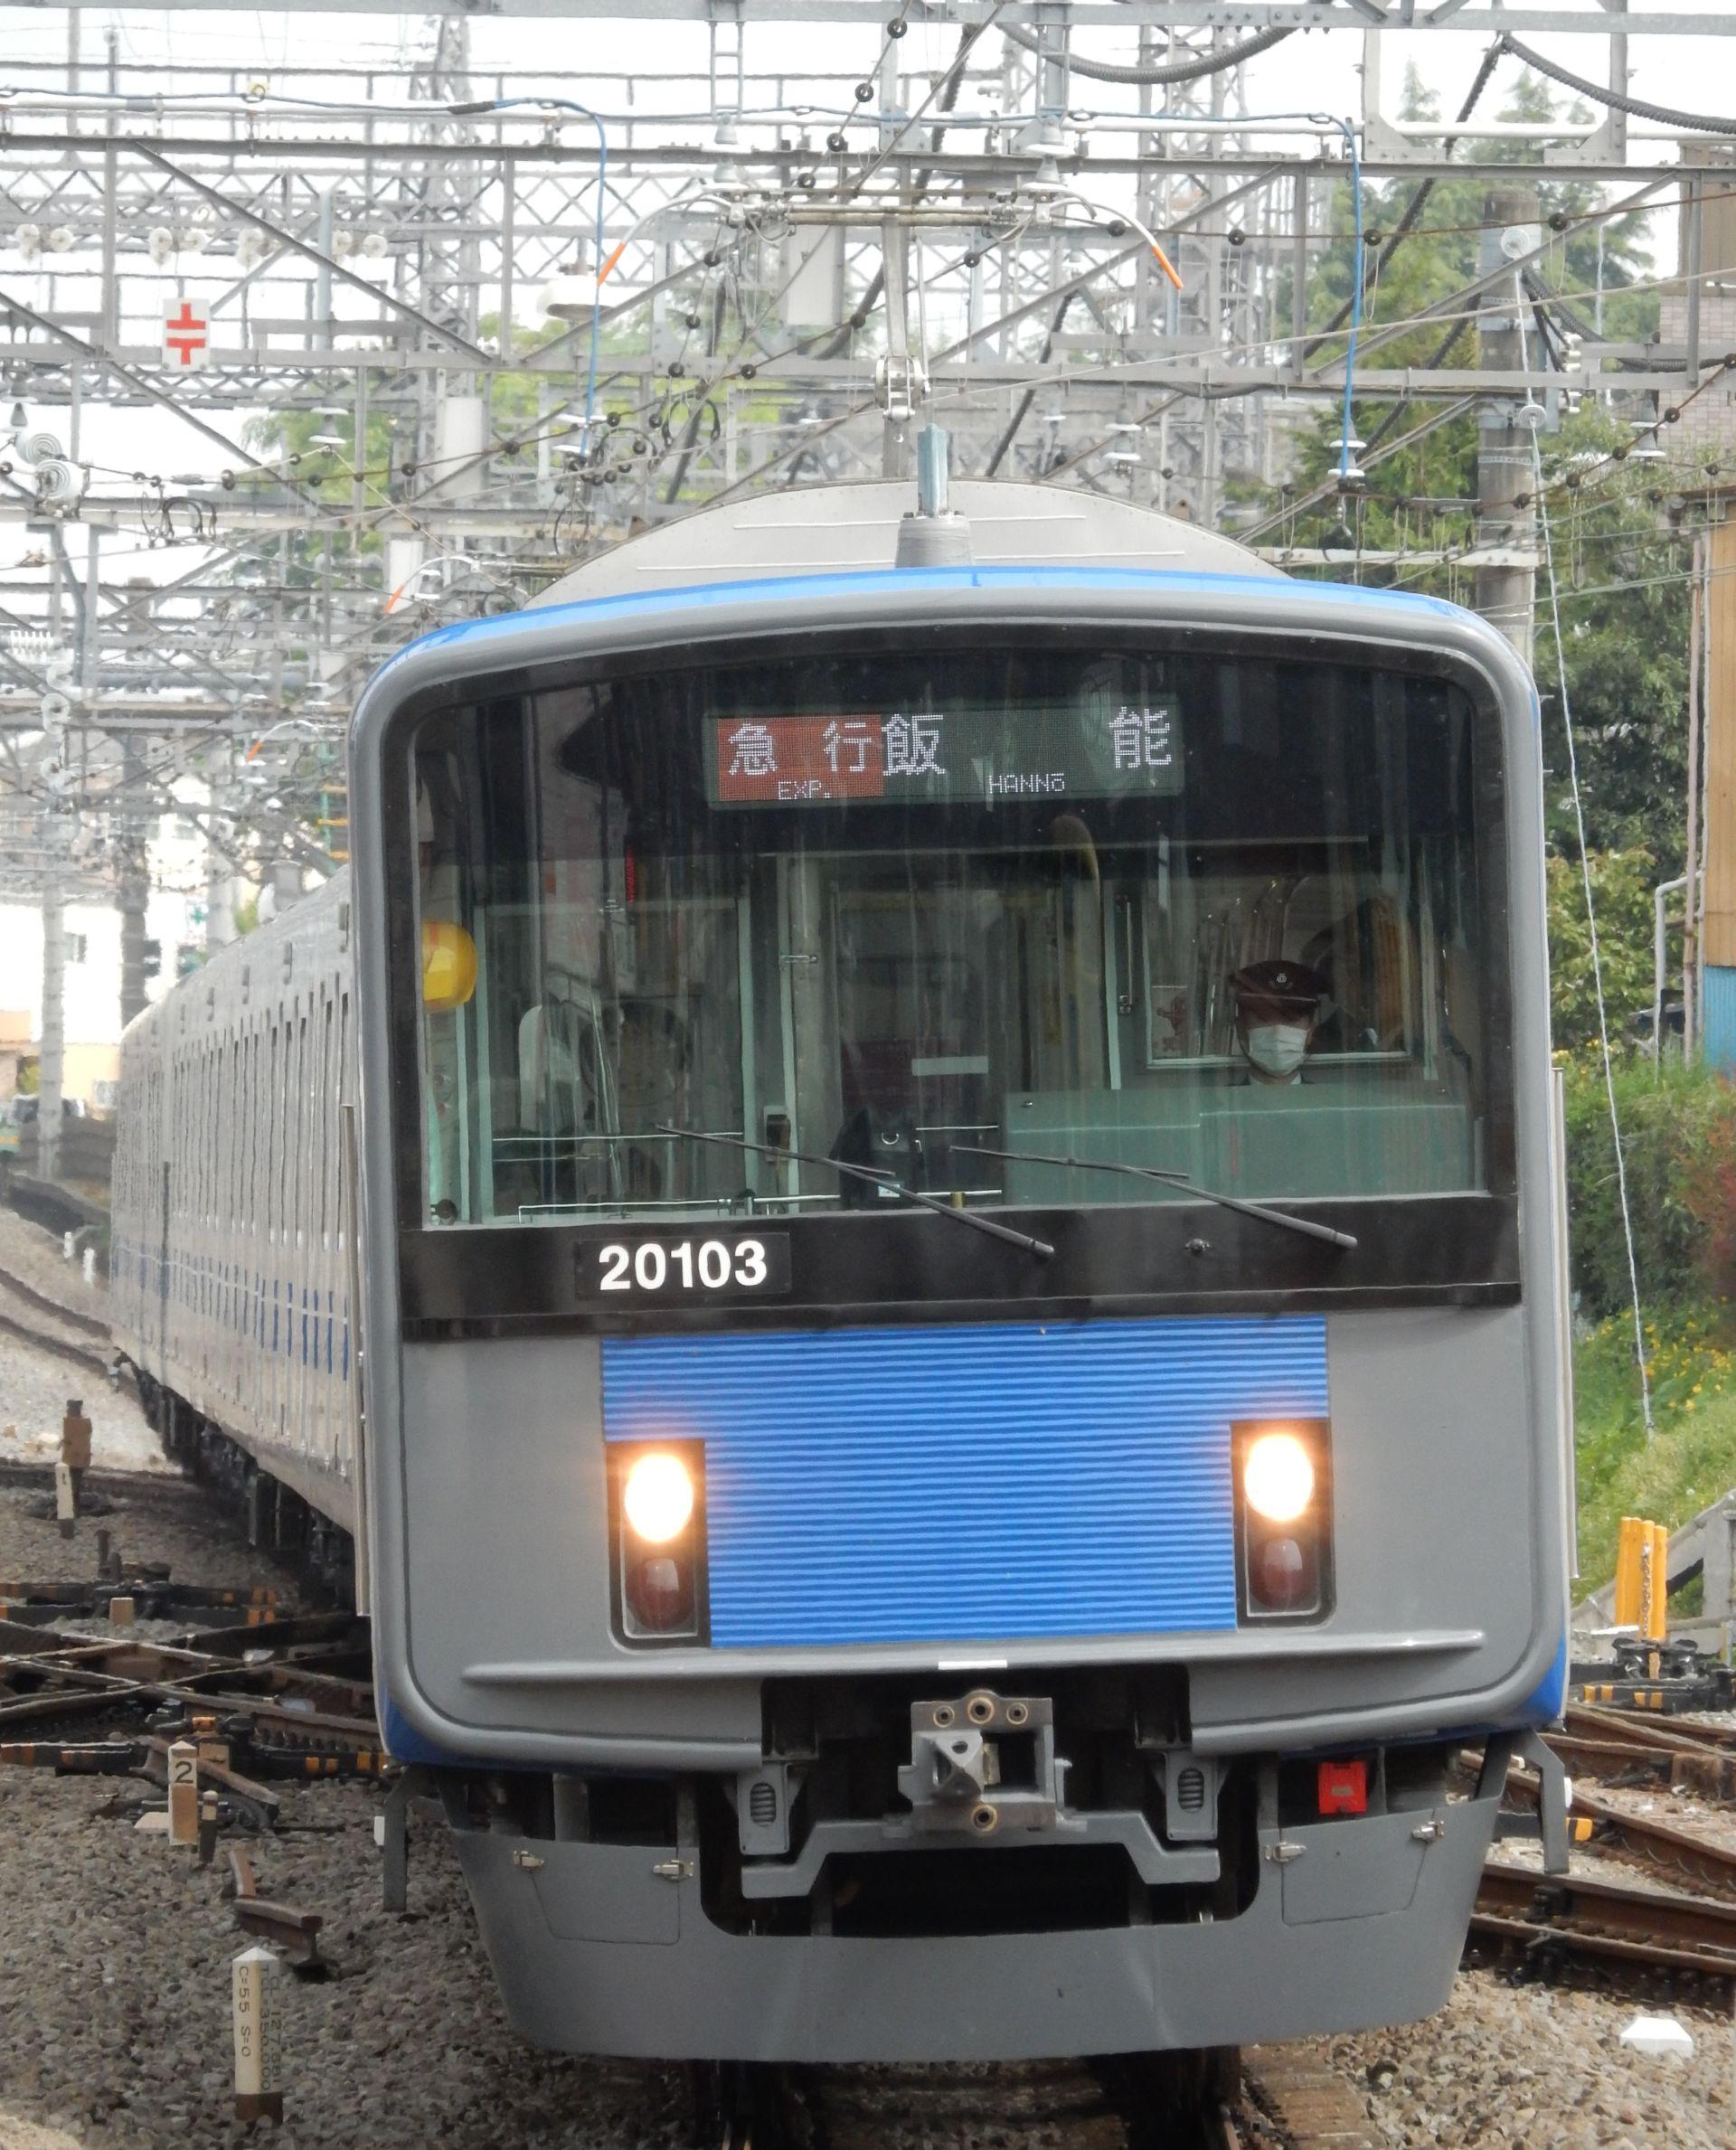 DSCN8371 - コピー